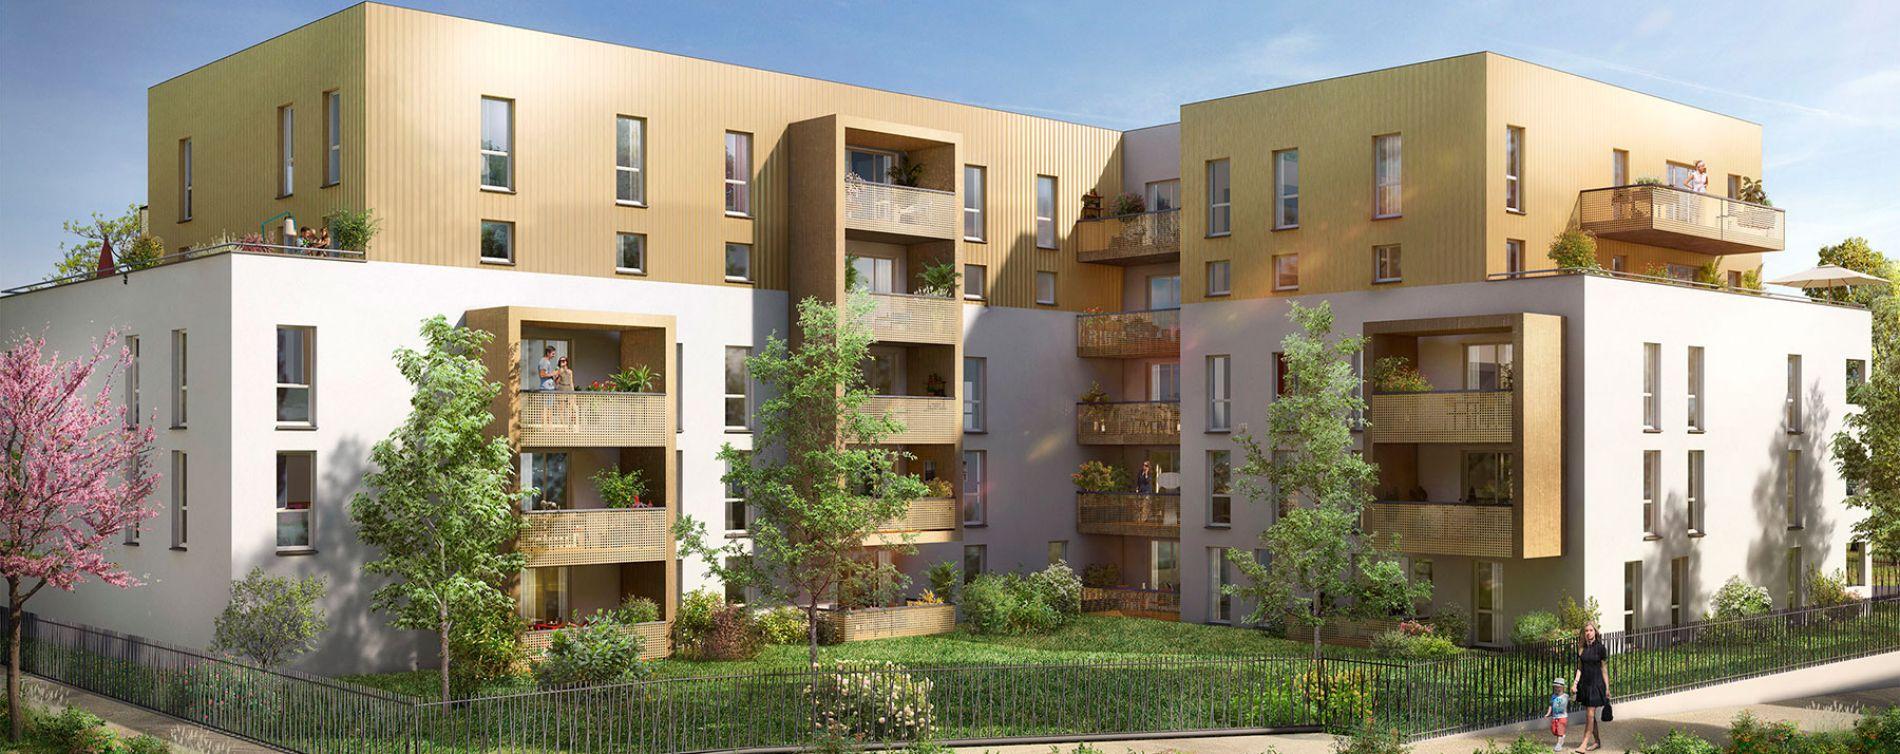 Résidence Les Terrasses de l'Ormeau à Toulouse